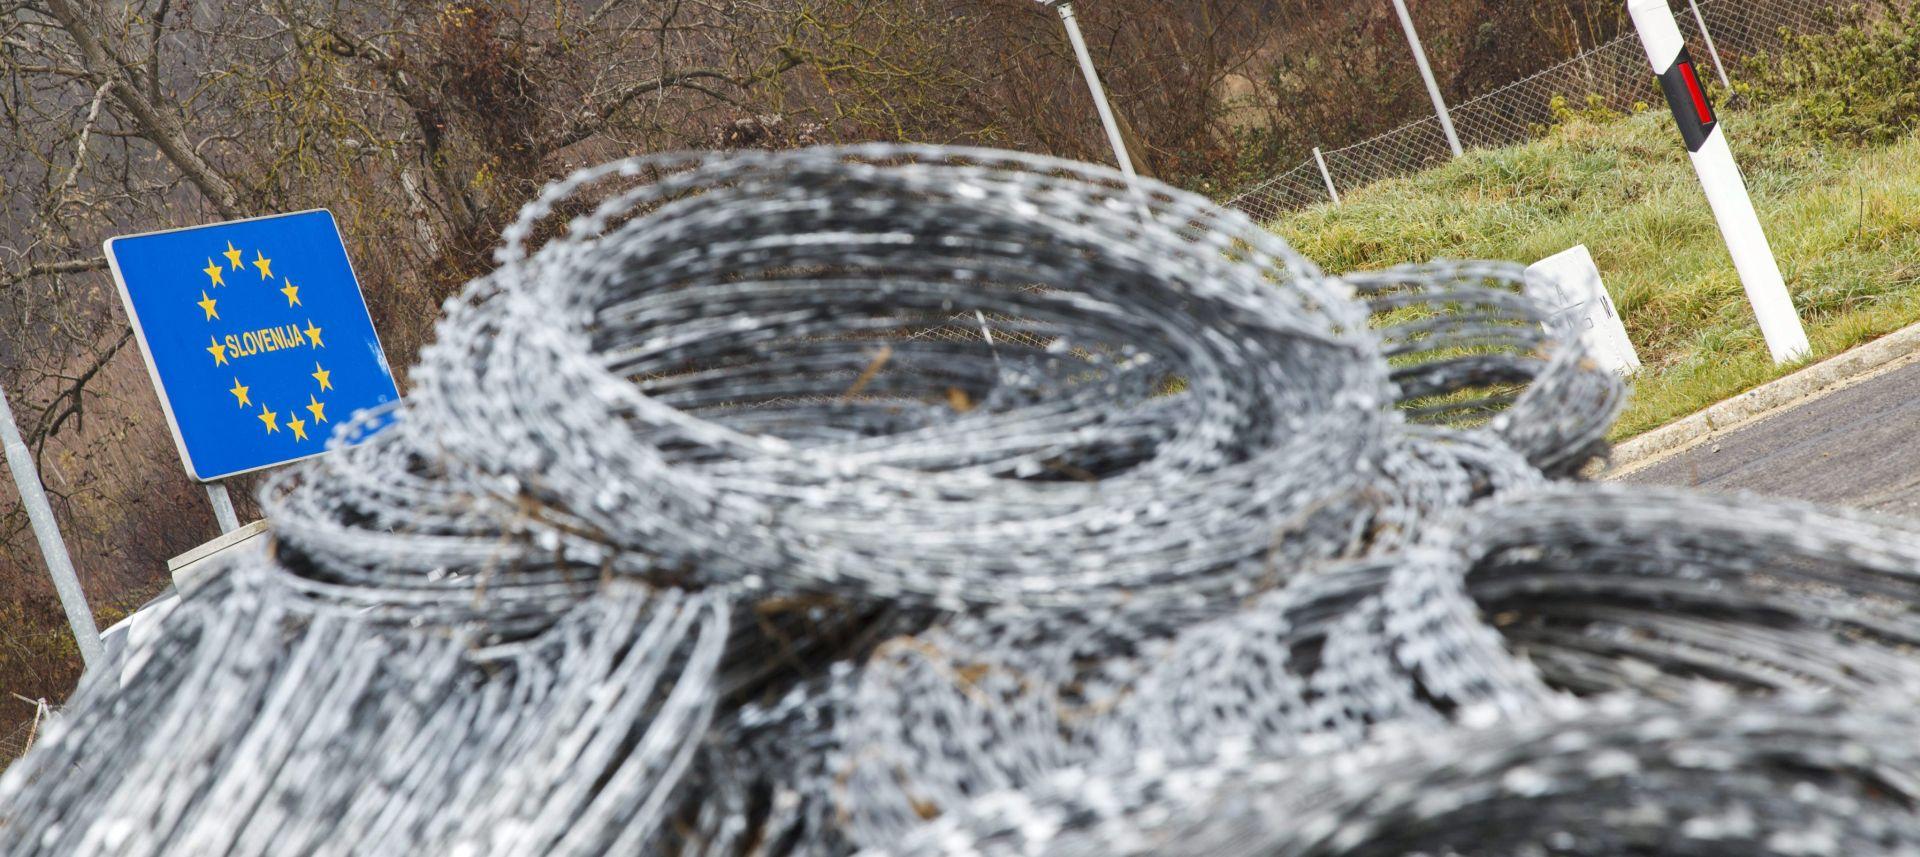 Crna Gora dobila od Mađarske bodljikavu žicu radi zaštite granice